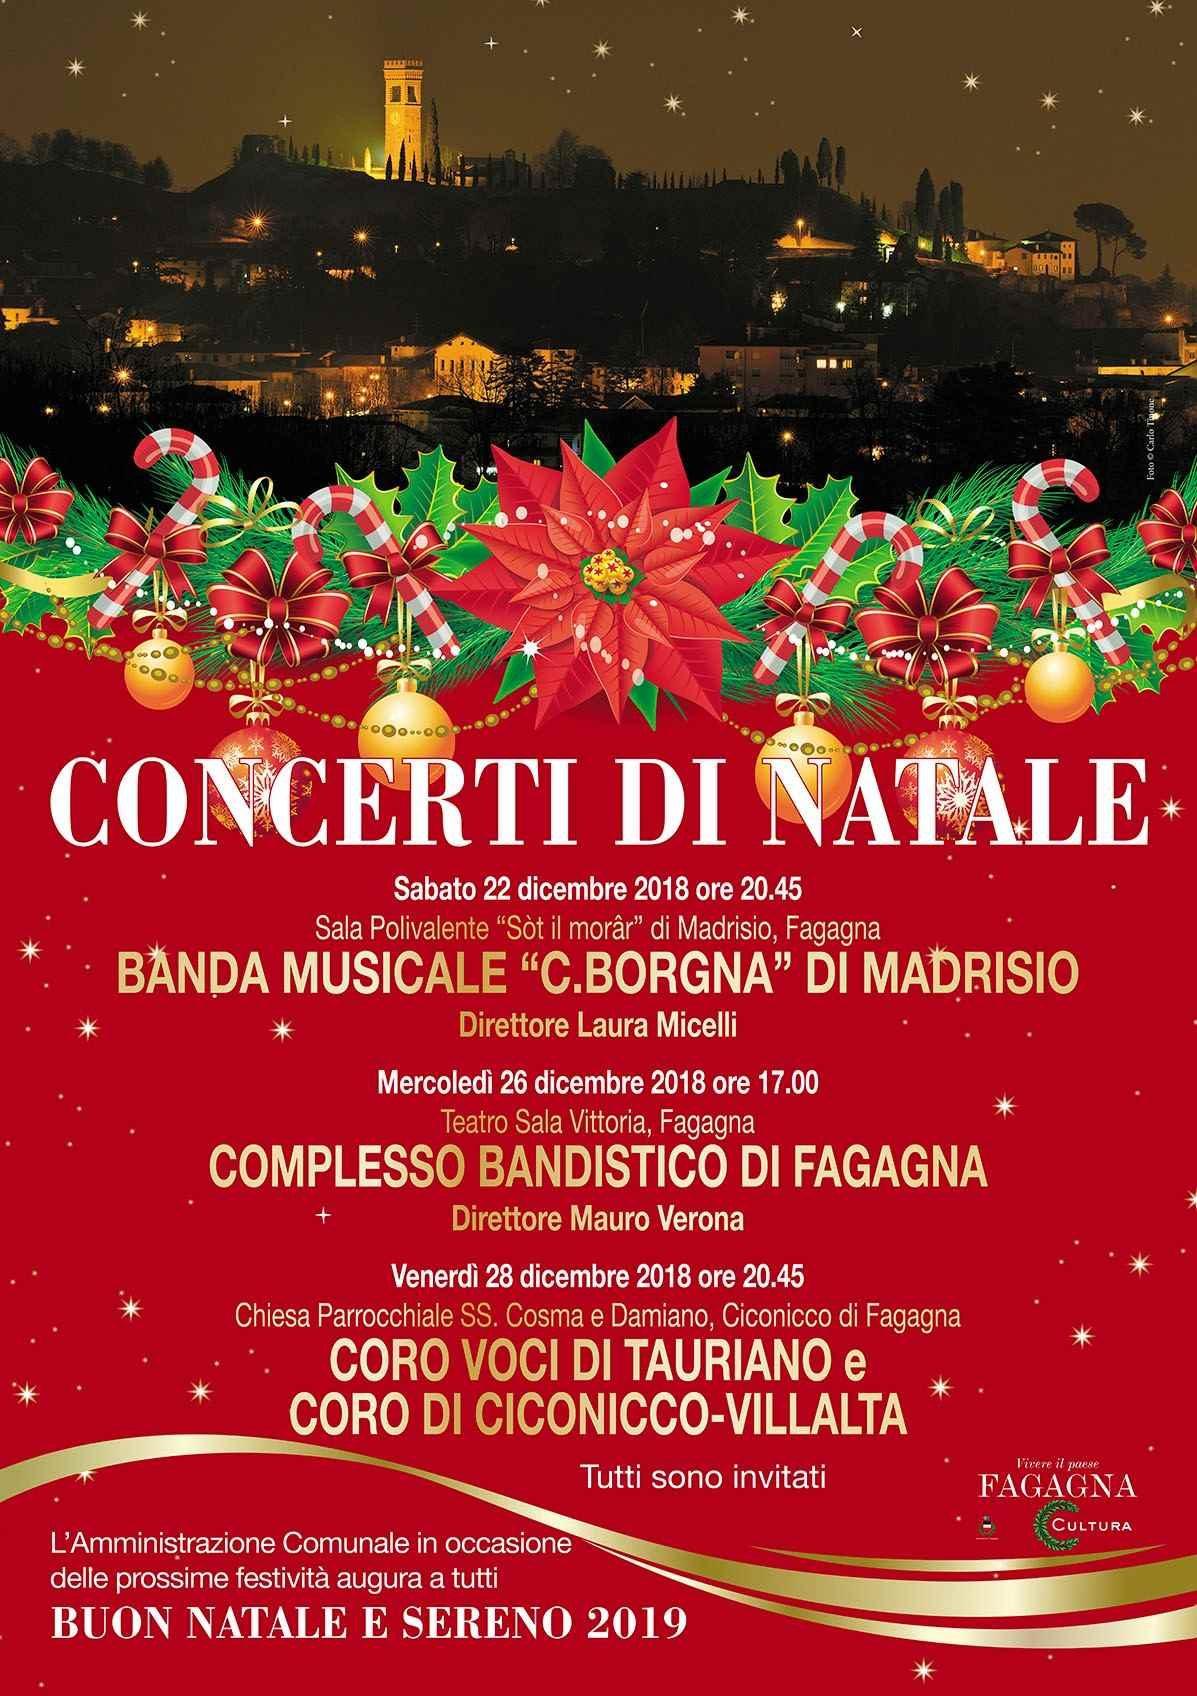 Concerto Di Natale.Concerti Di Natale Fagagna Online